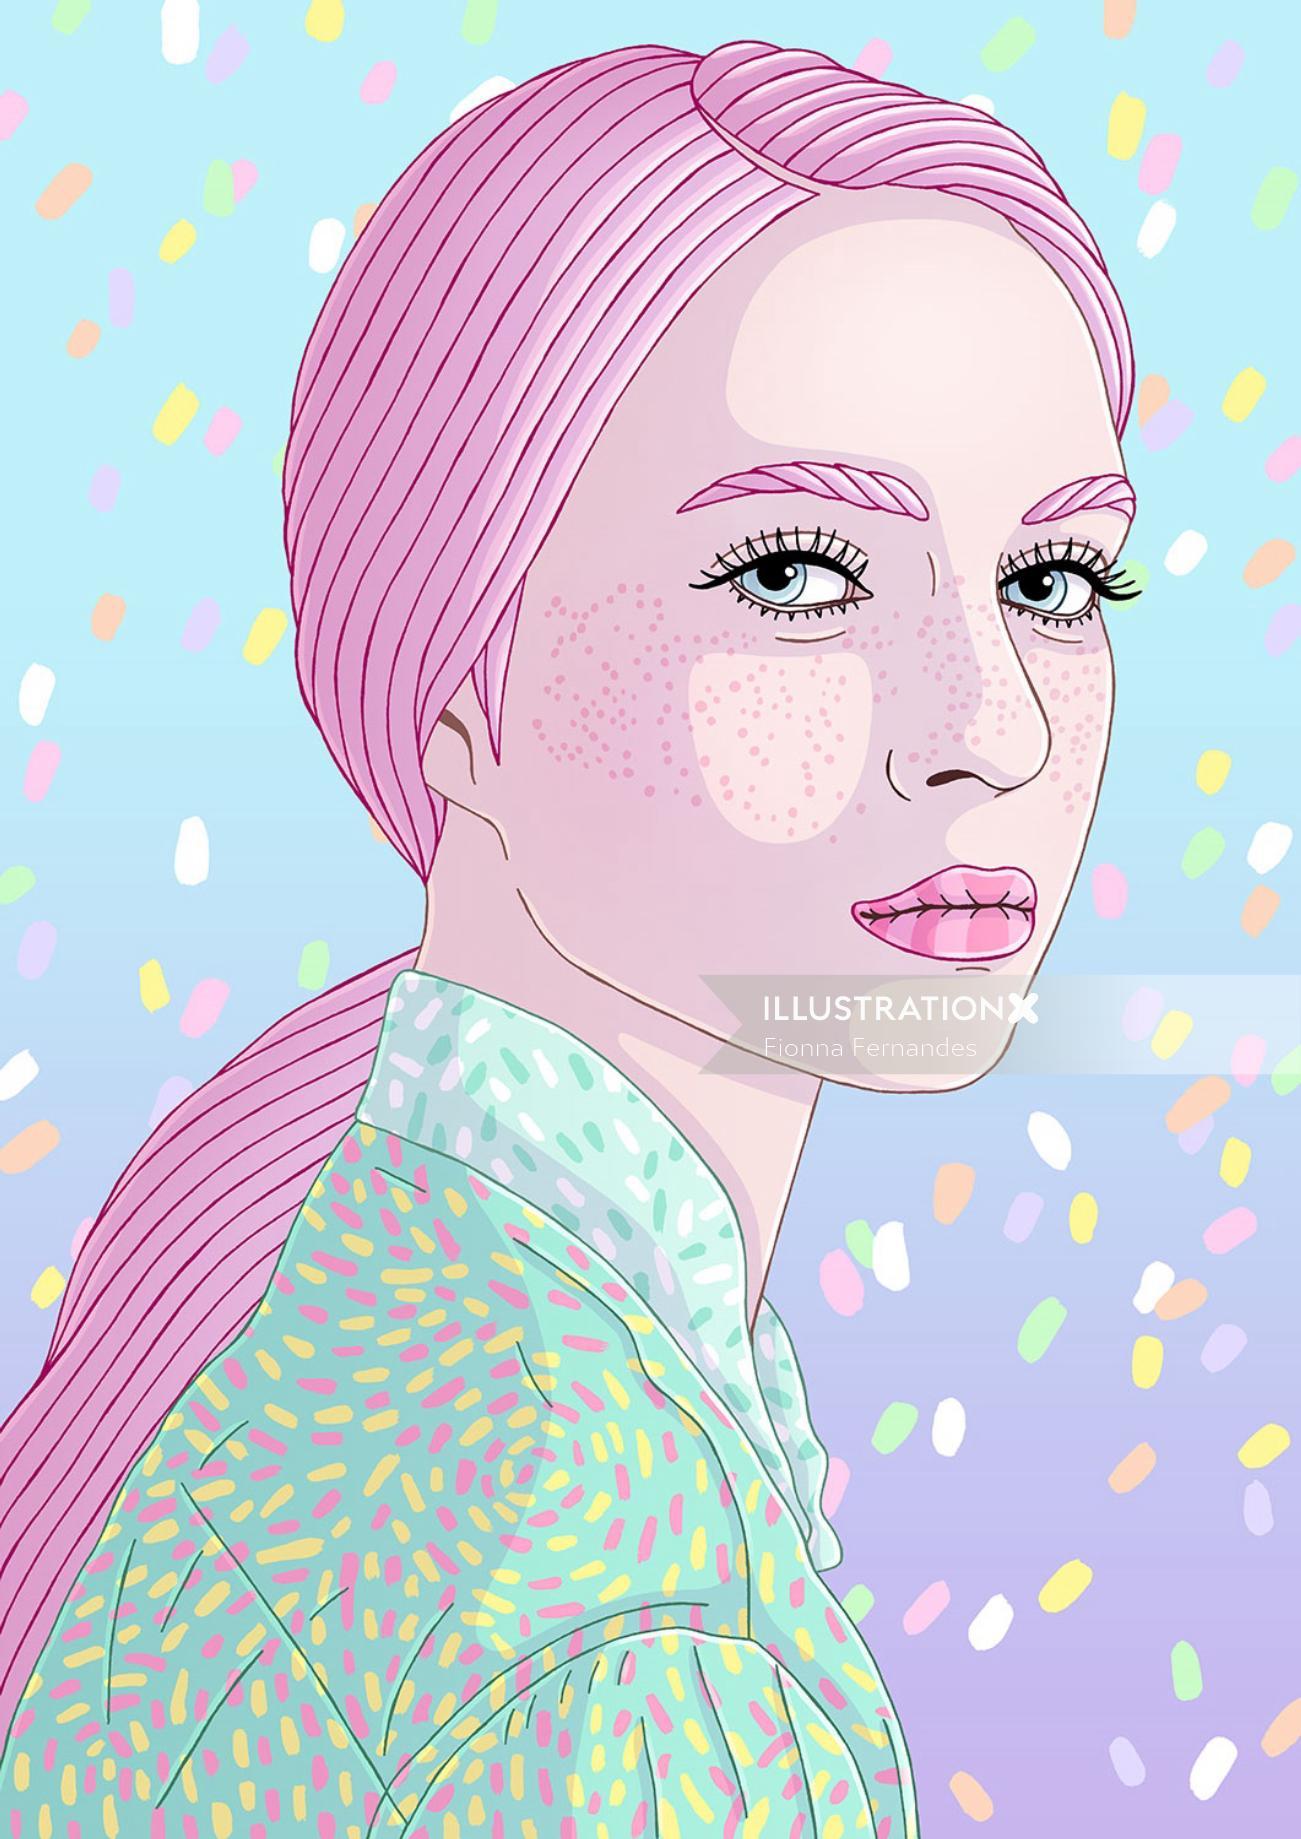 Fashion sketch of a woman